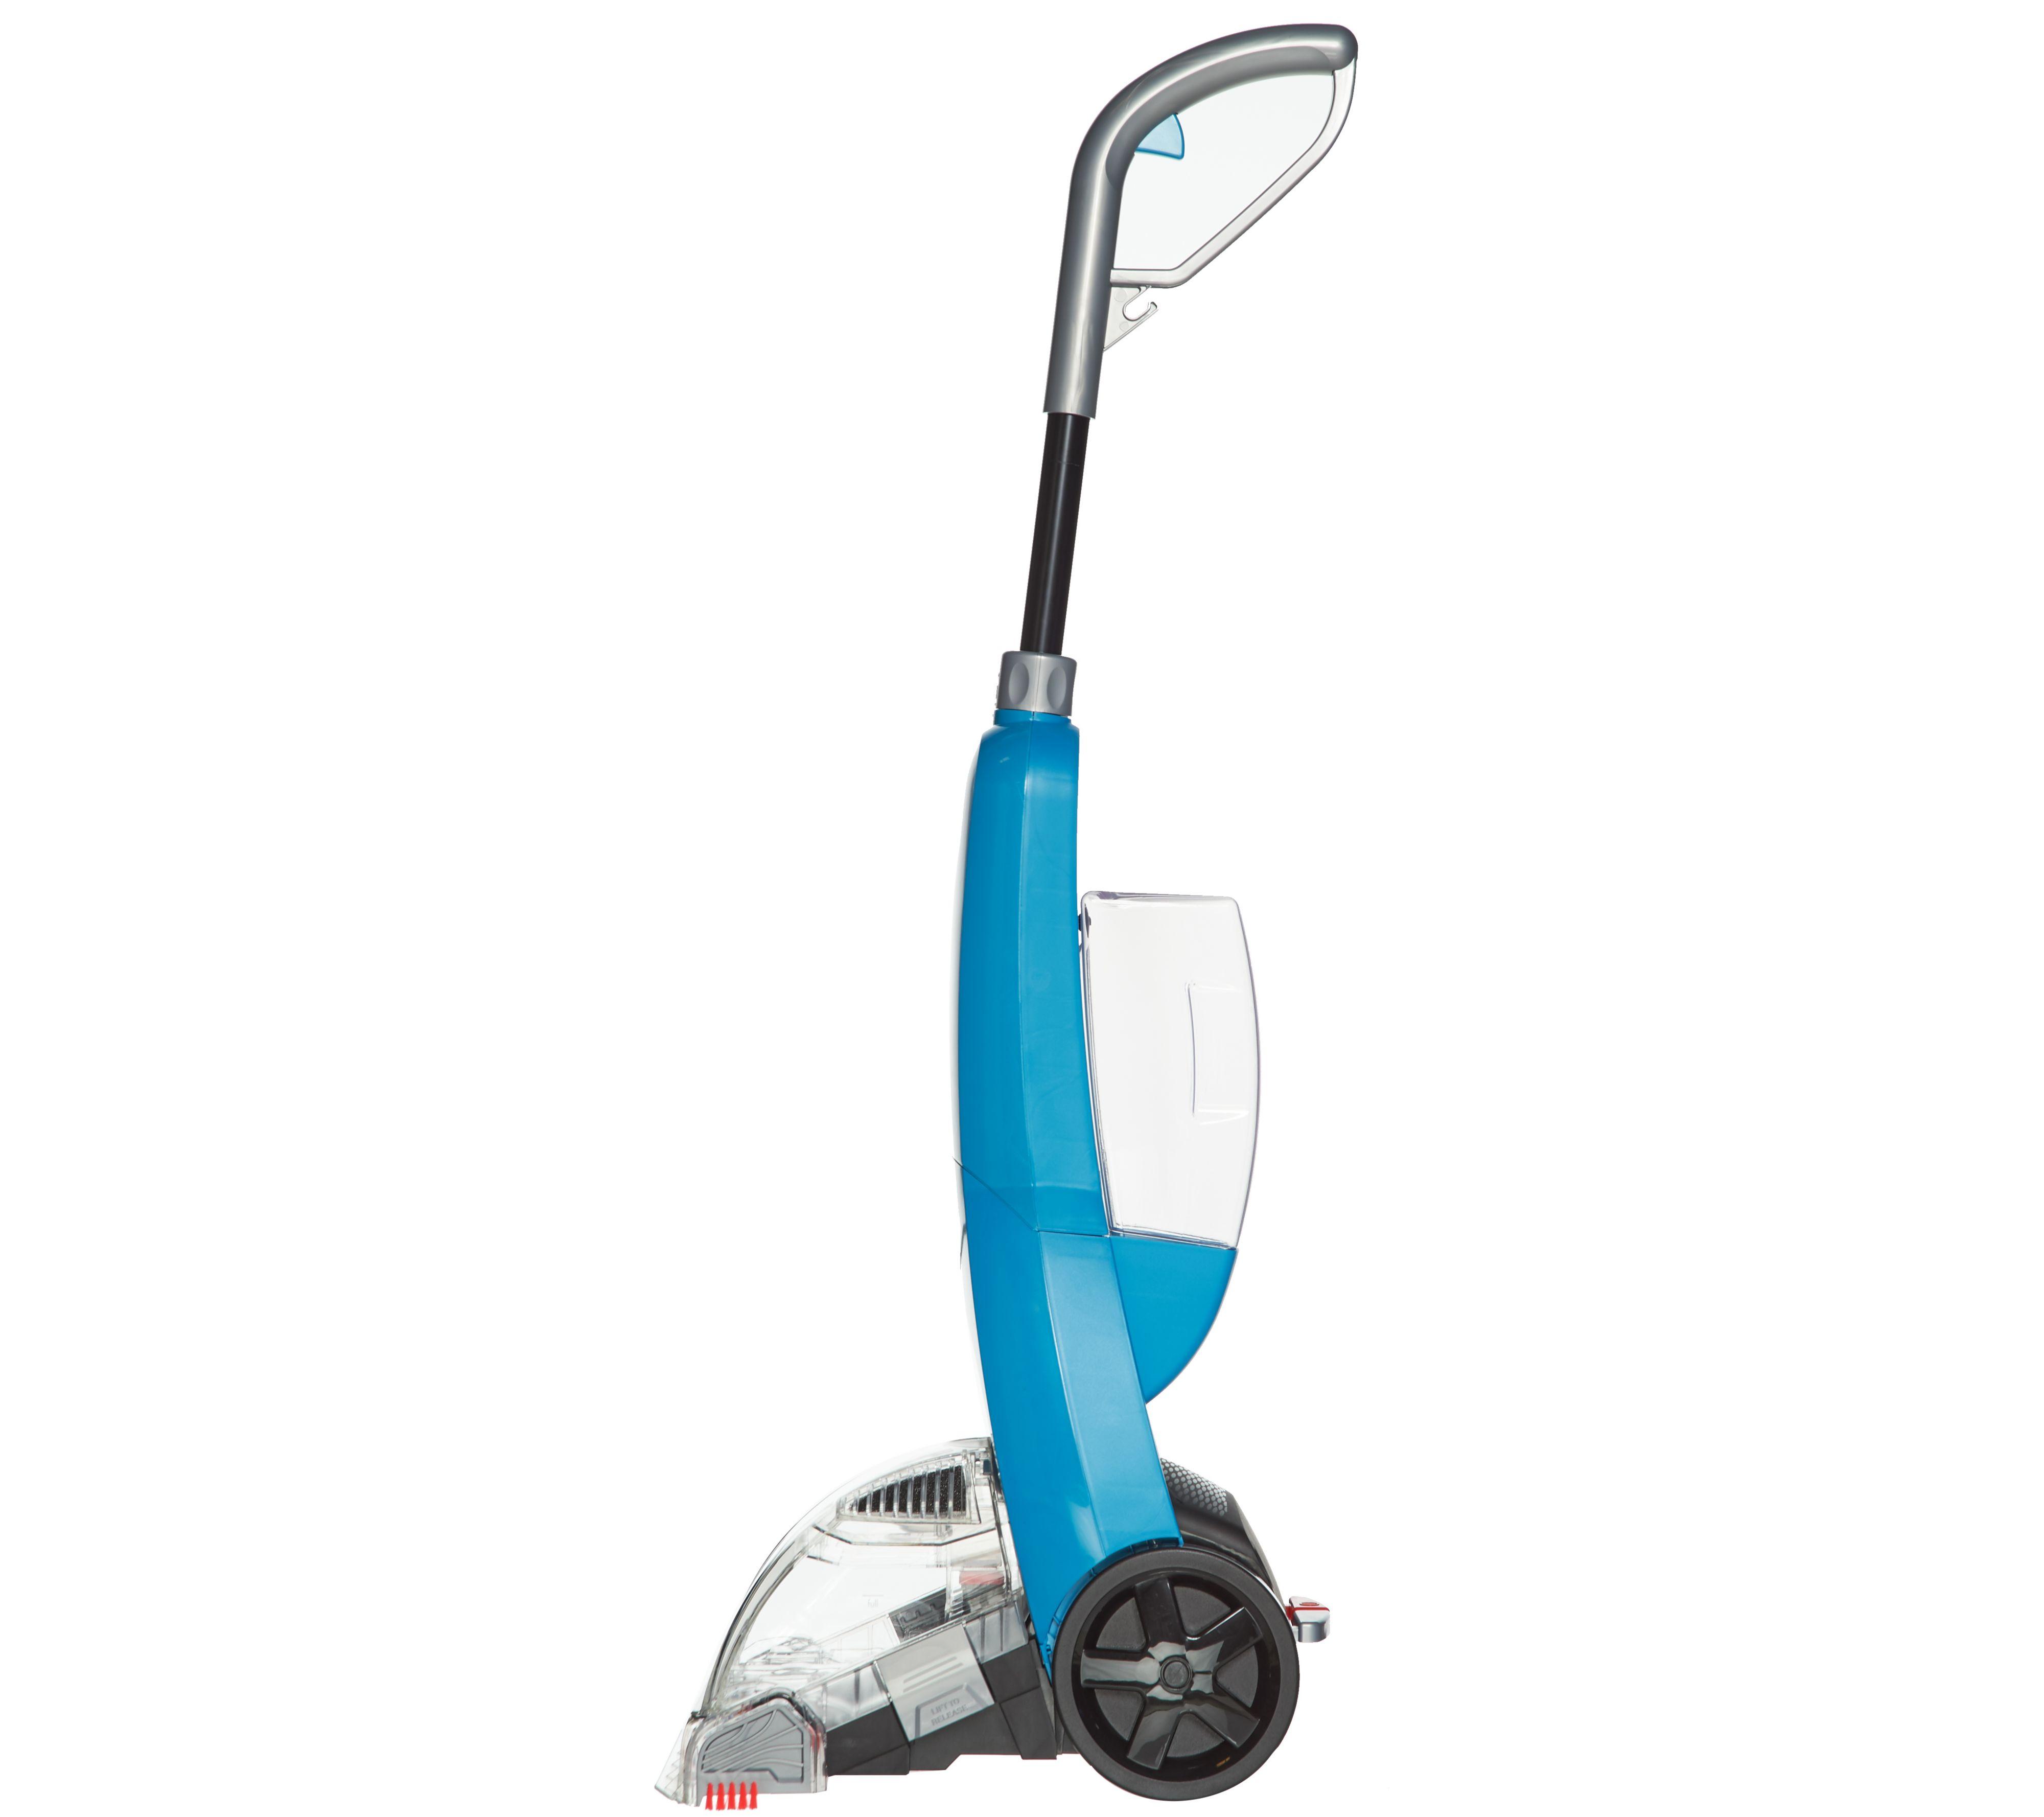 Bissell Powerclean Turbo Deep Clean Carpet Amp Rug Cleaner